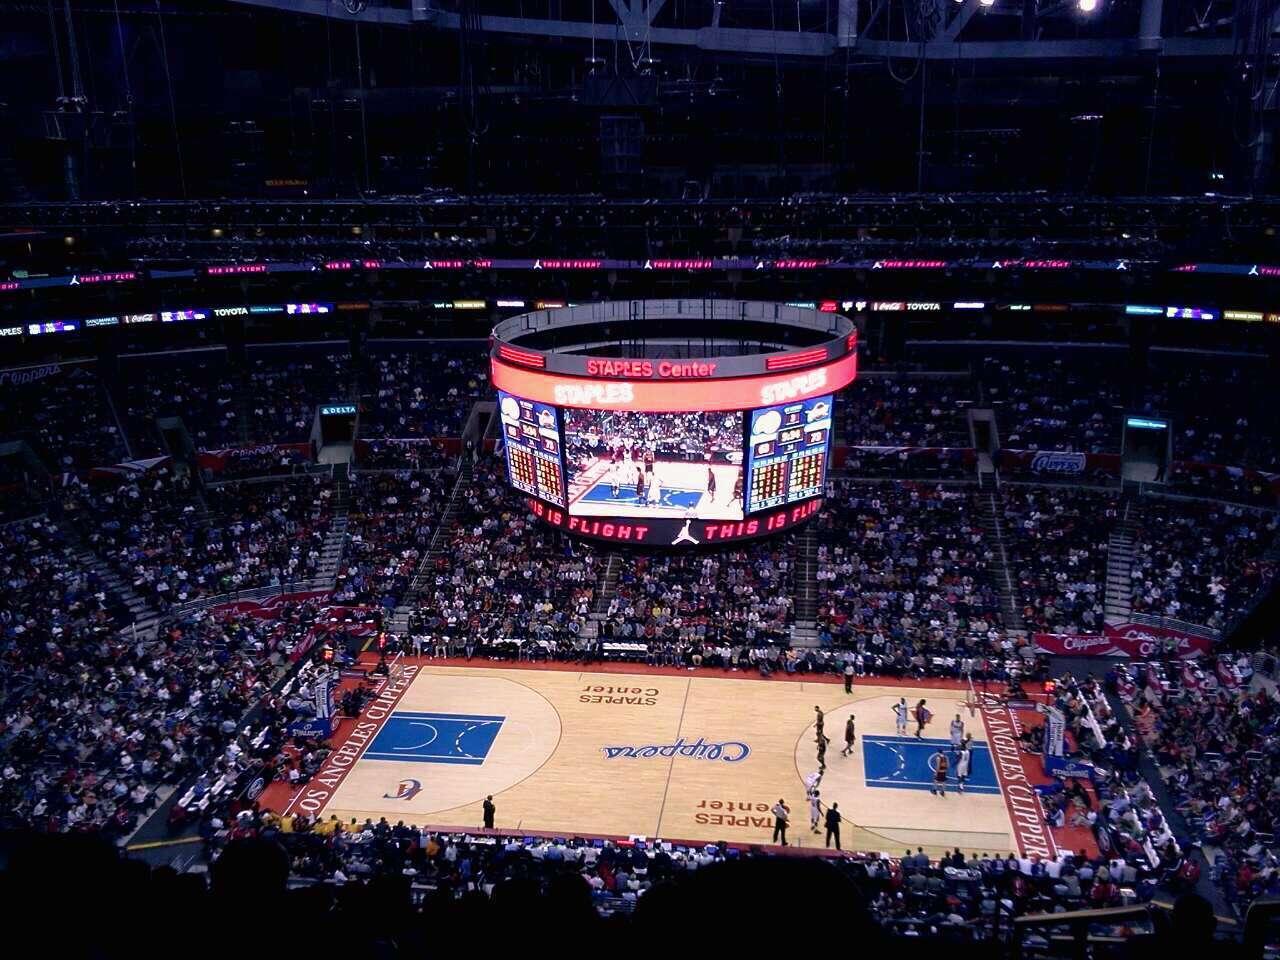 Staples Center - Section 301